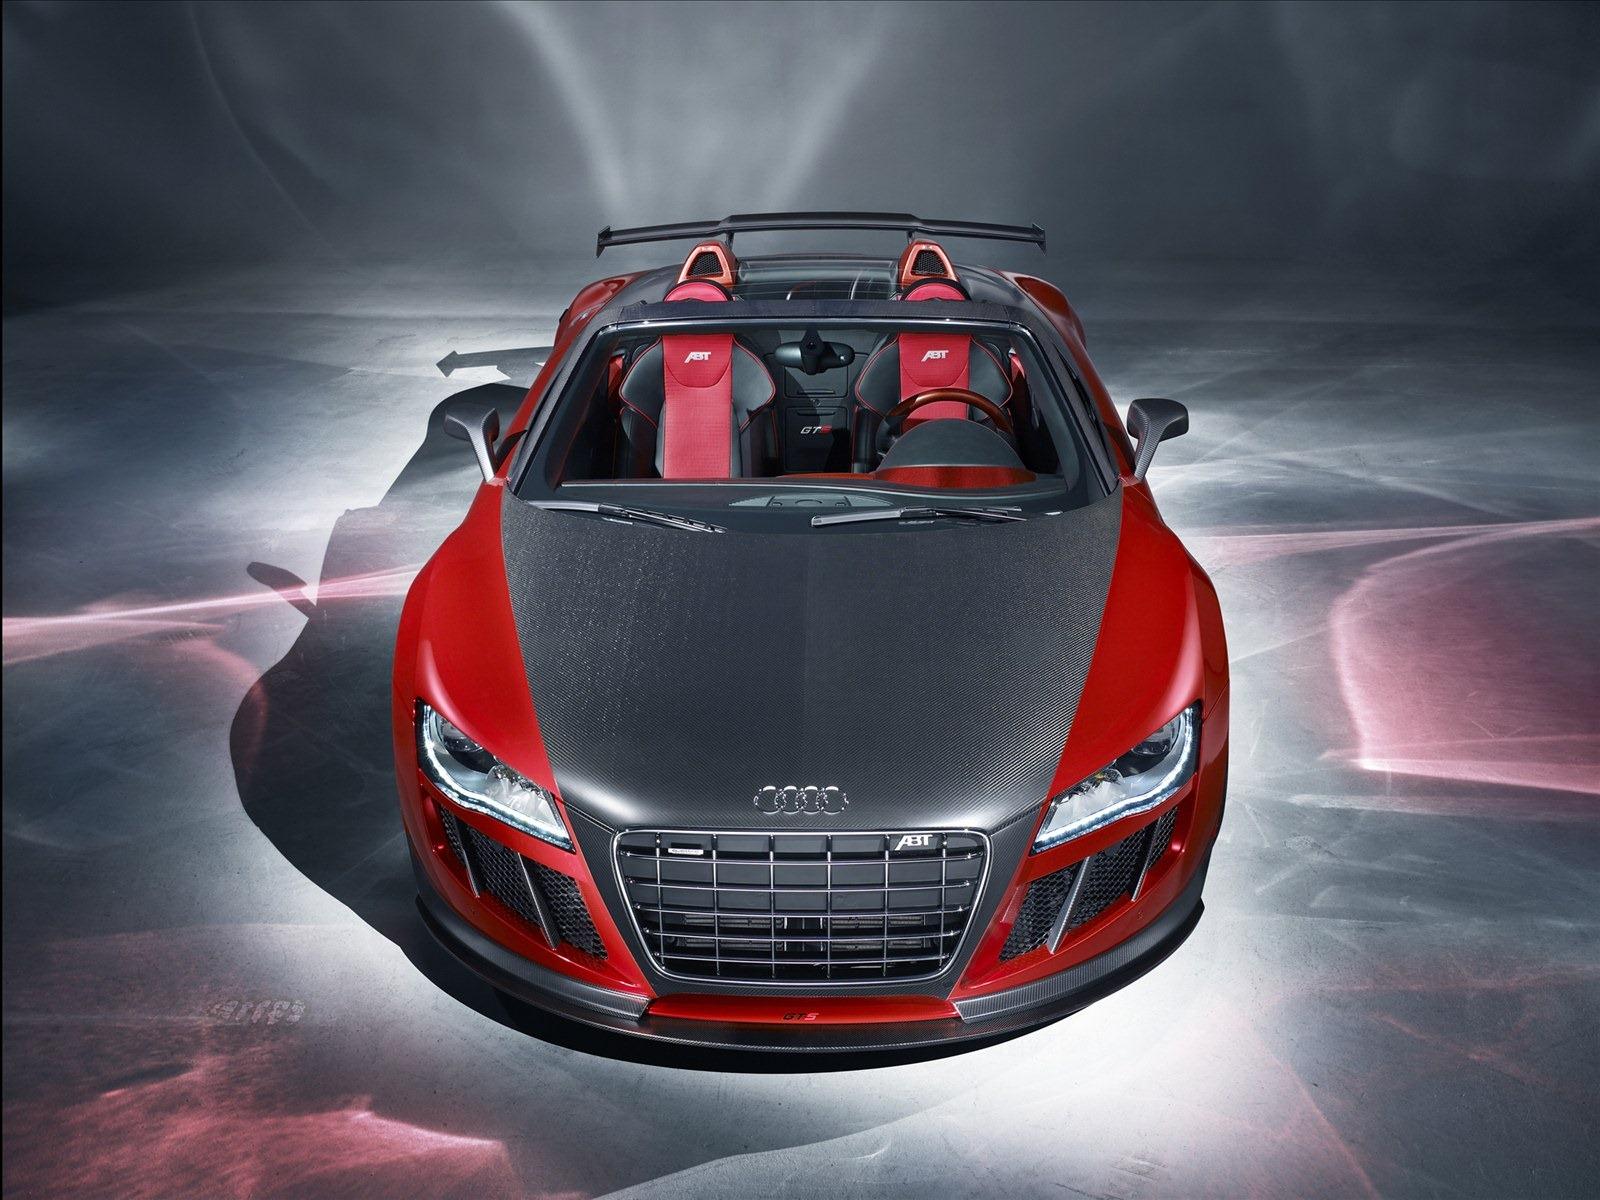 http://2.bp.blogspot.com/-xfHx8UsLuSc/TjKr-St_IhI/AAAAAAAAEWM/DkHqvutewxo/s1600/Hot+Cars+Wallpapers+%252826%2529.jpg